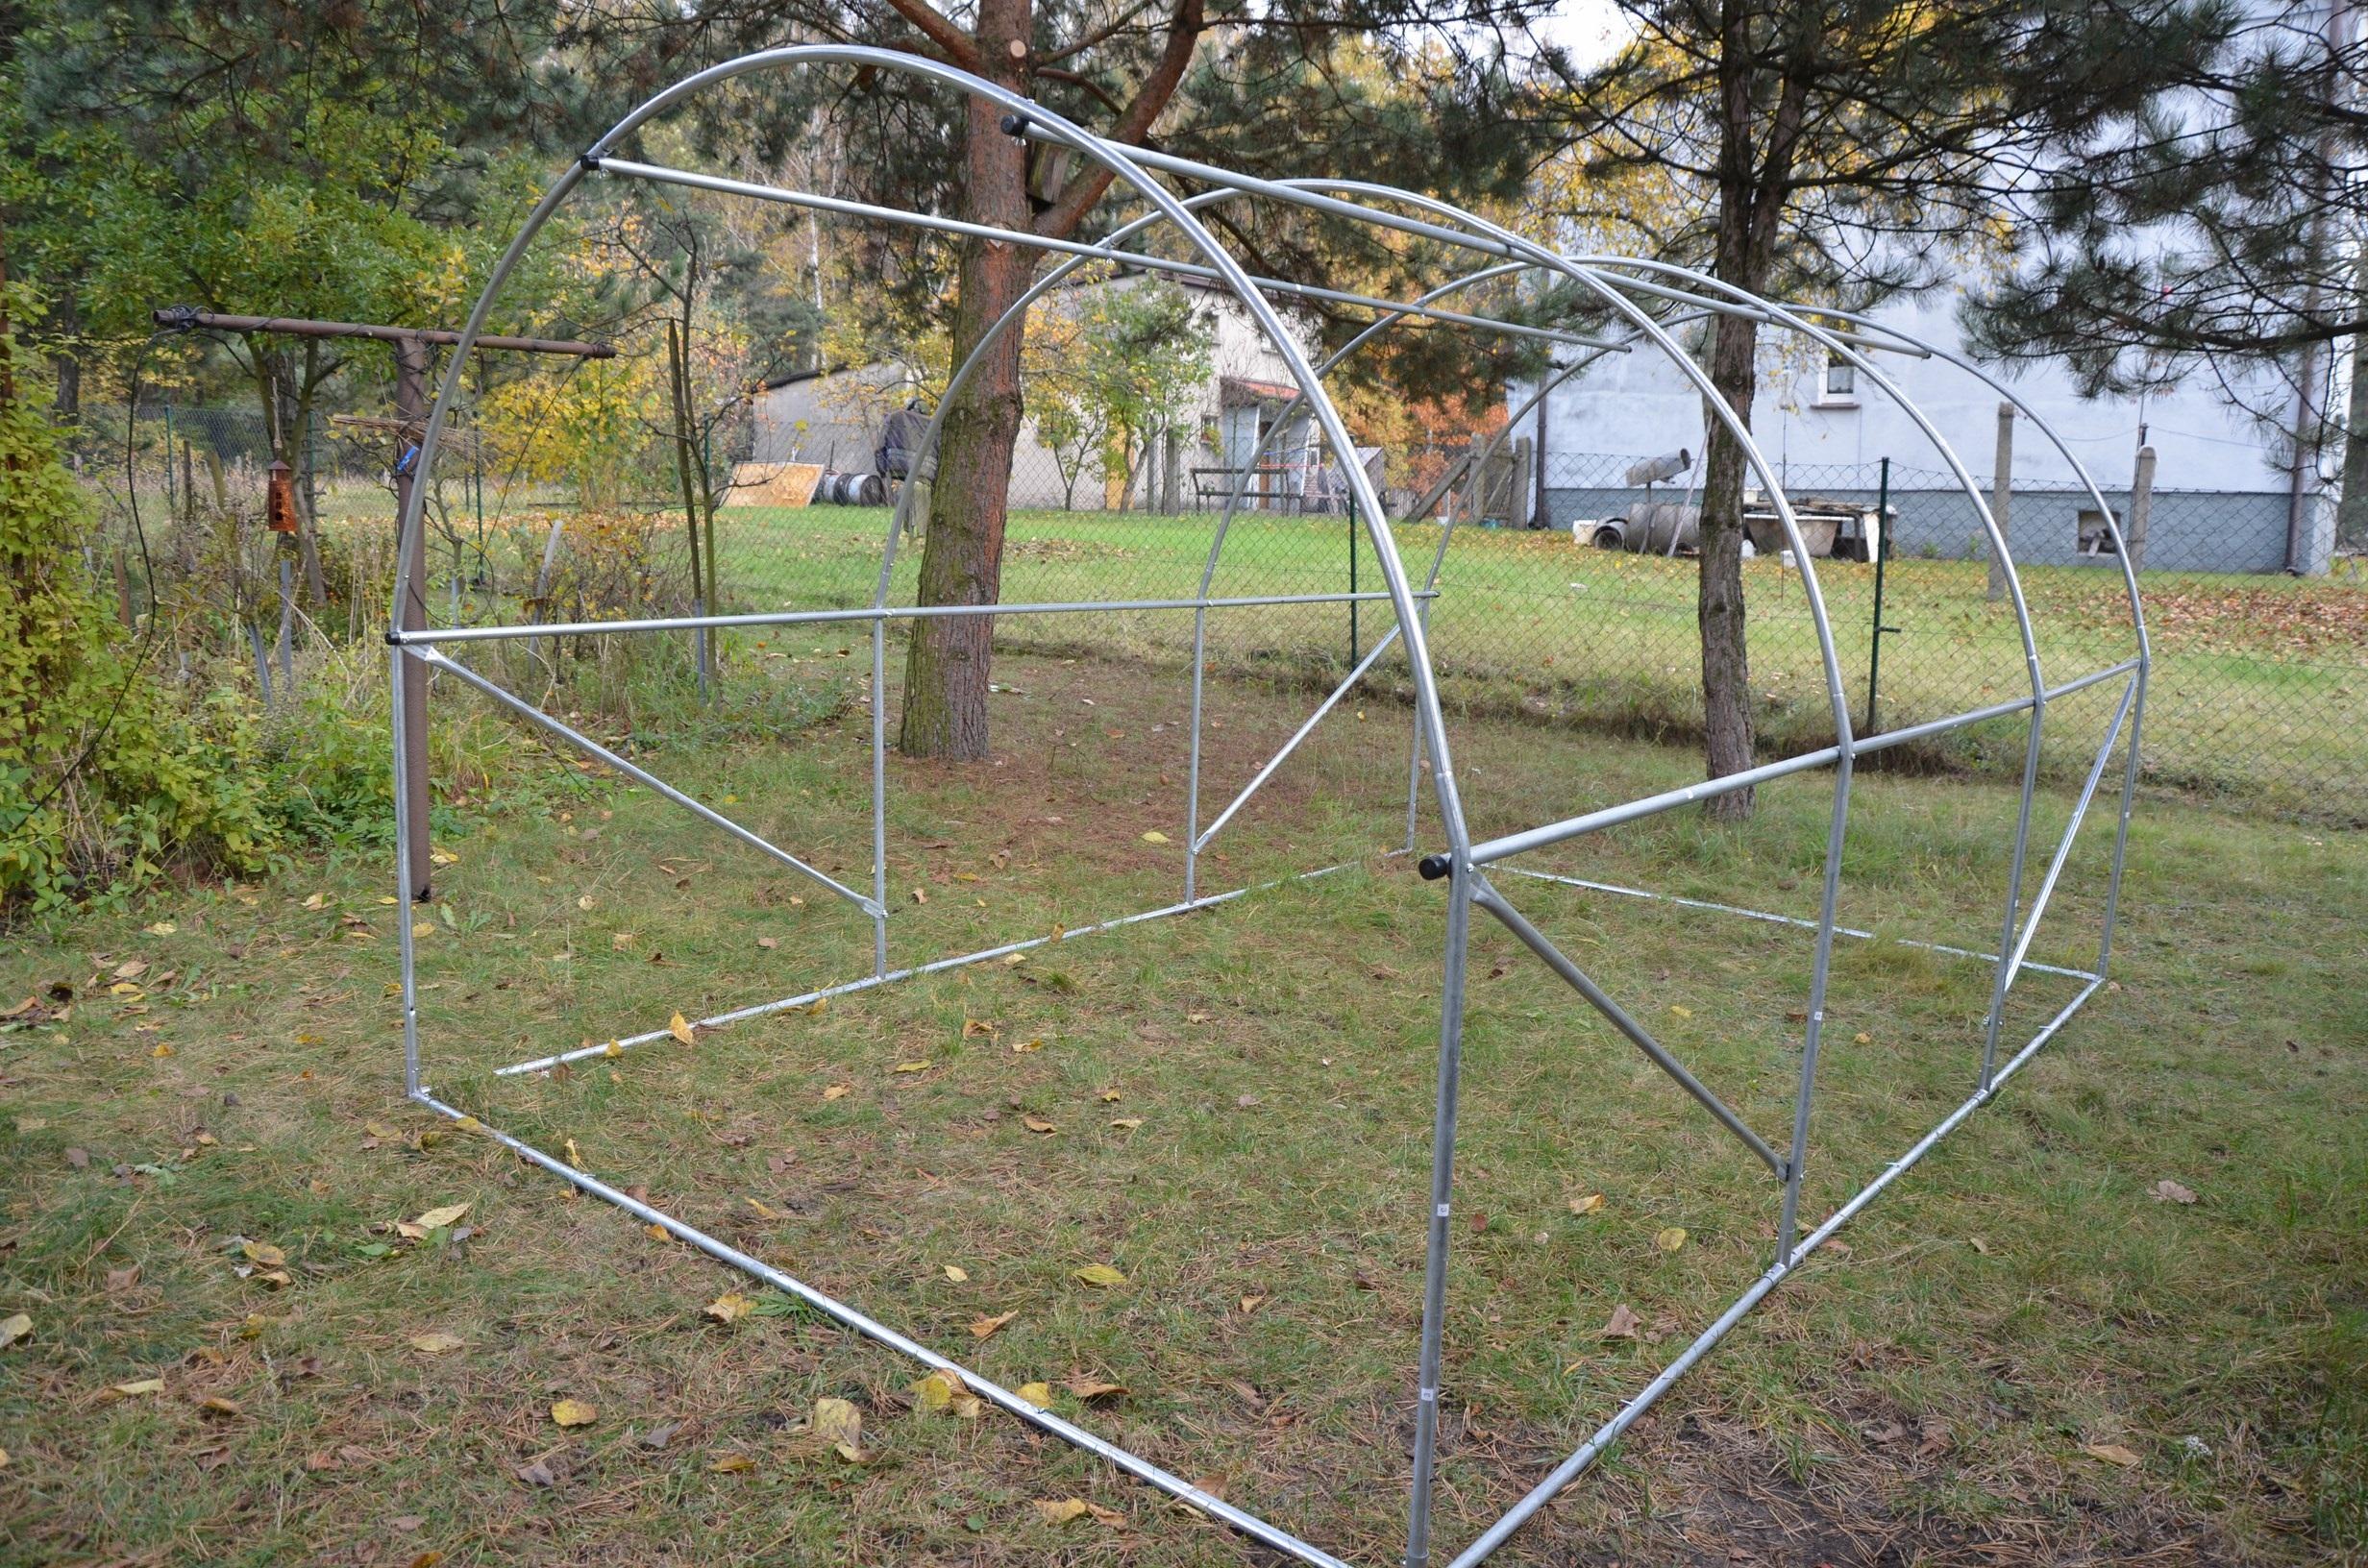 zgrzewanie_folii_ogrodniczych_tunelowych_3_konstrukcja.jpg